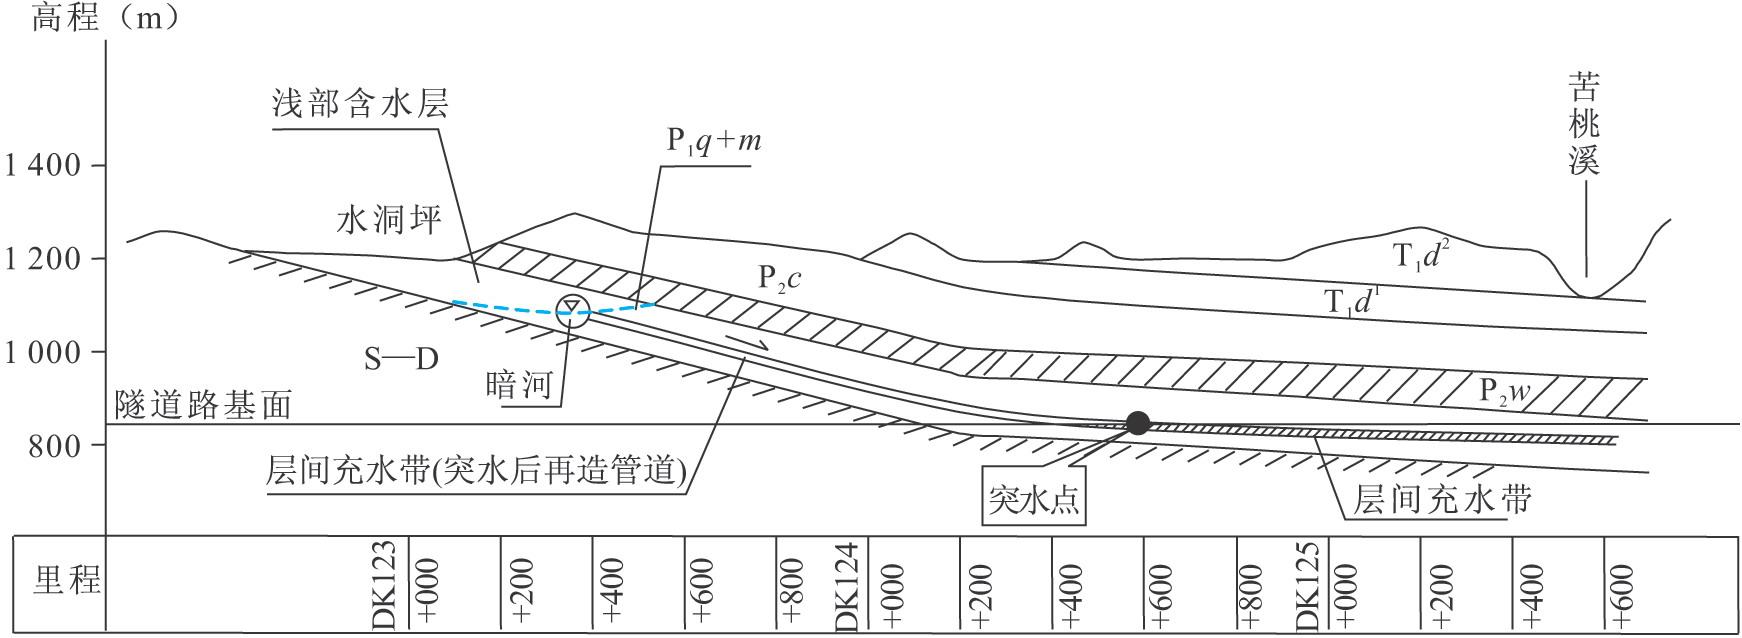 图2-67野三关隧道纵断面——暗河突水点关系图图片